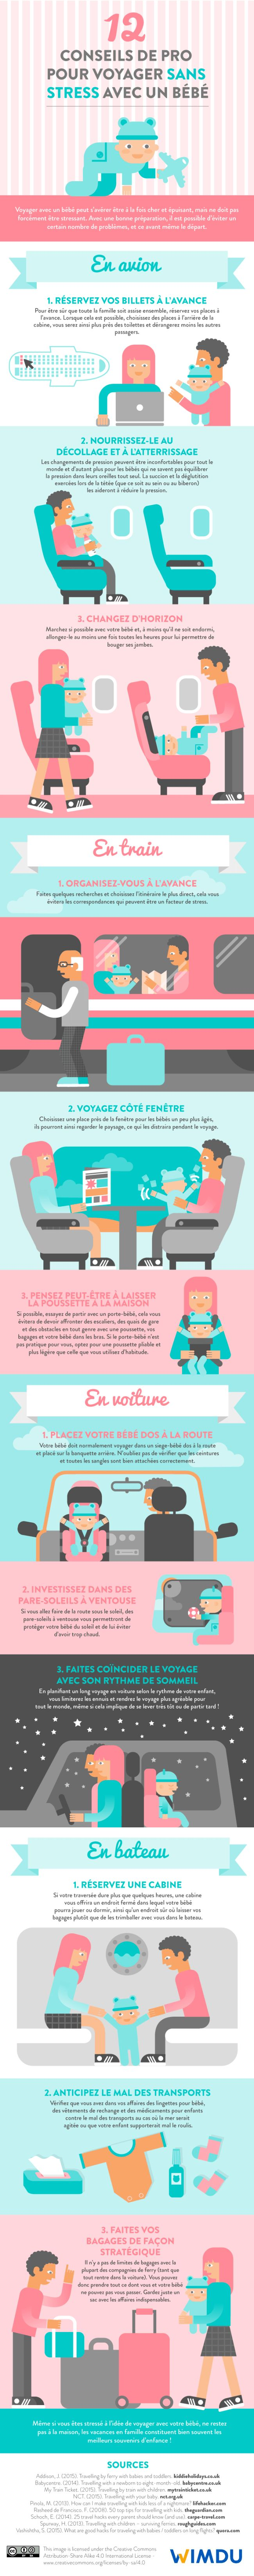 12 CONSEILS DE PRO POUR VOYAGER AVEC UN BÉBÉ